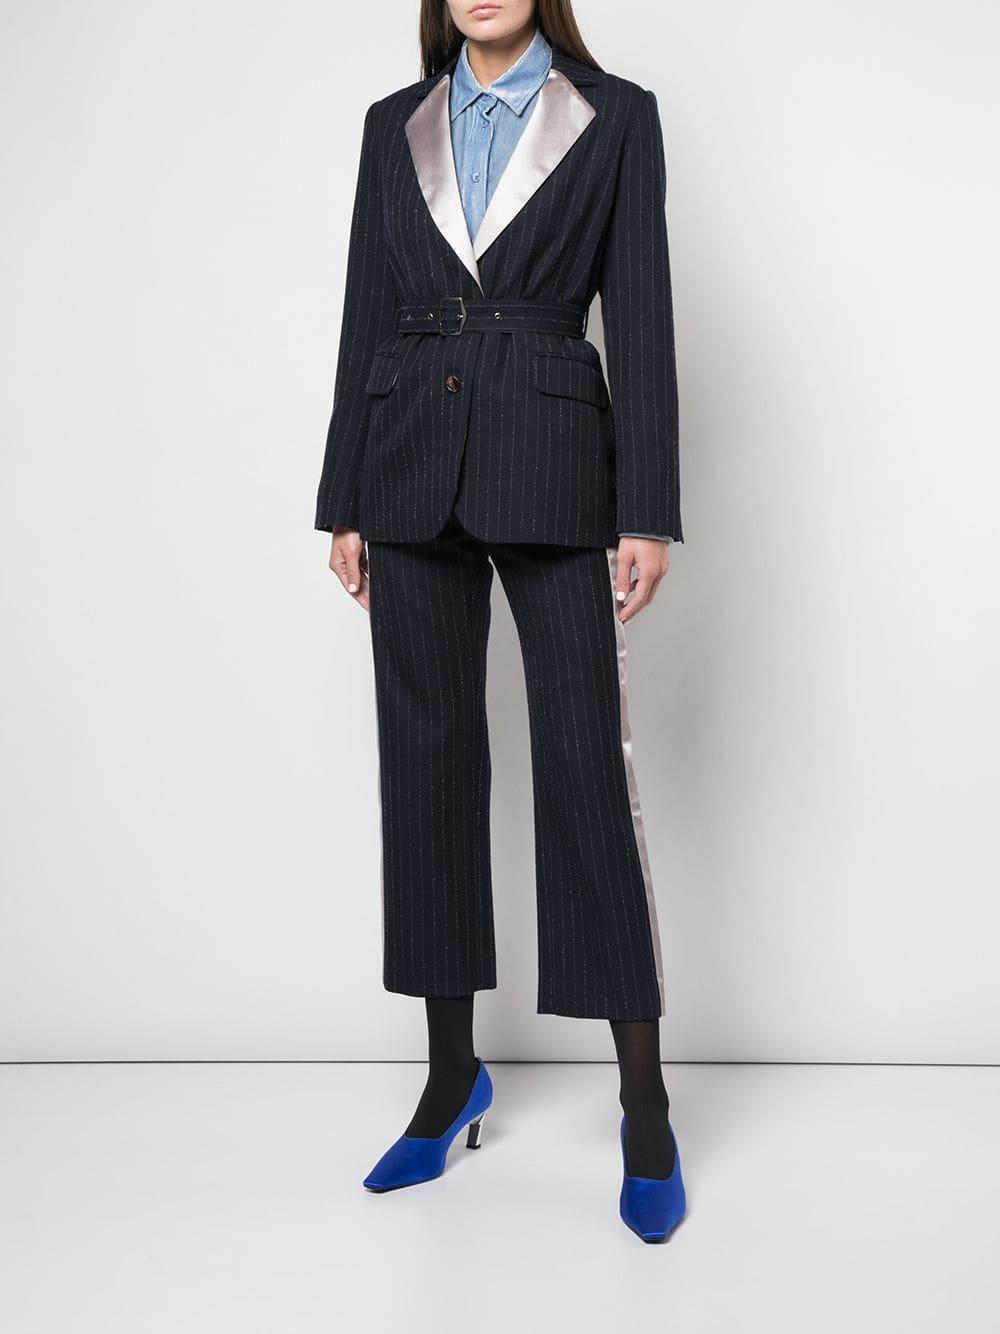 Blazer Terry a rayas diplomáticas con cinturón Sies Marjan de Lana de color Azul